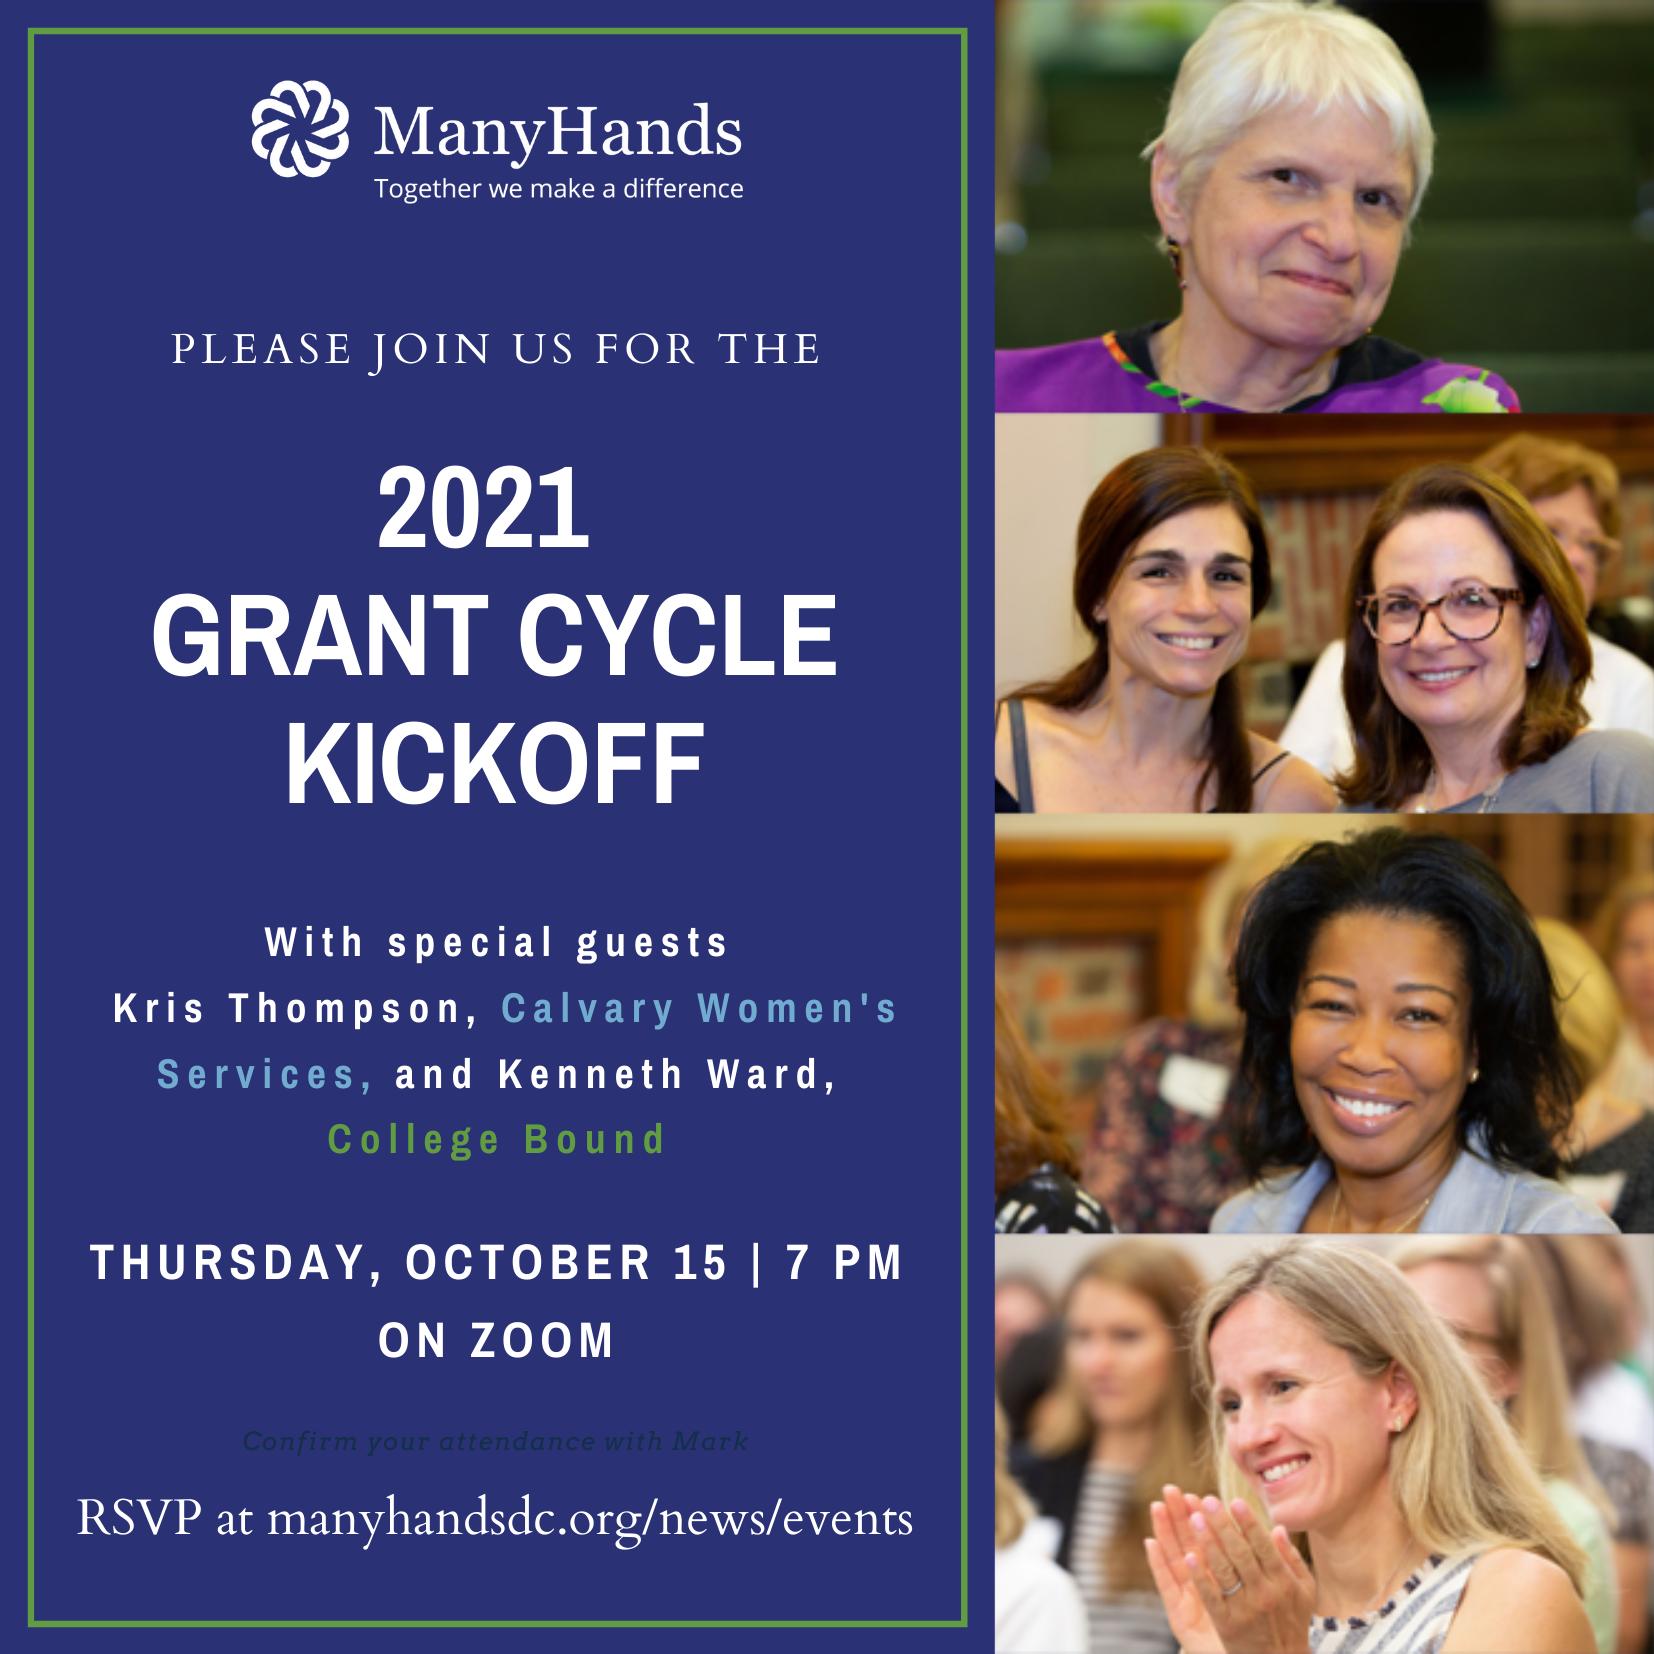 Invitation to 2021 grant cycle kickoff